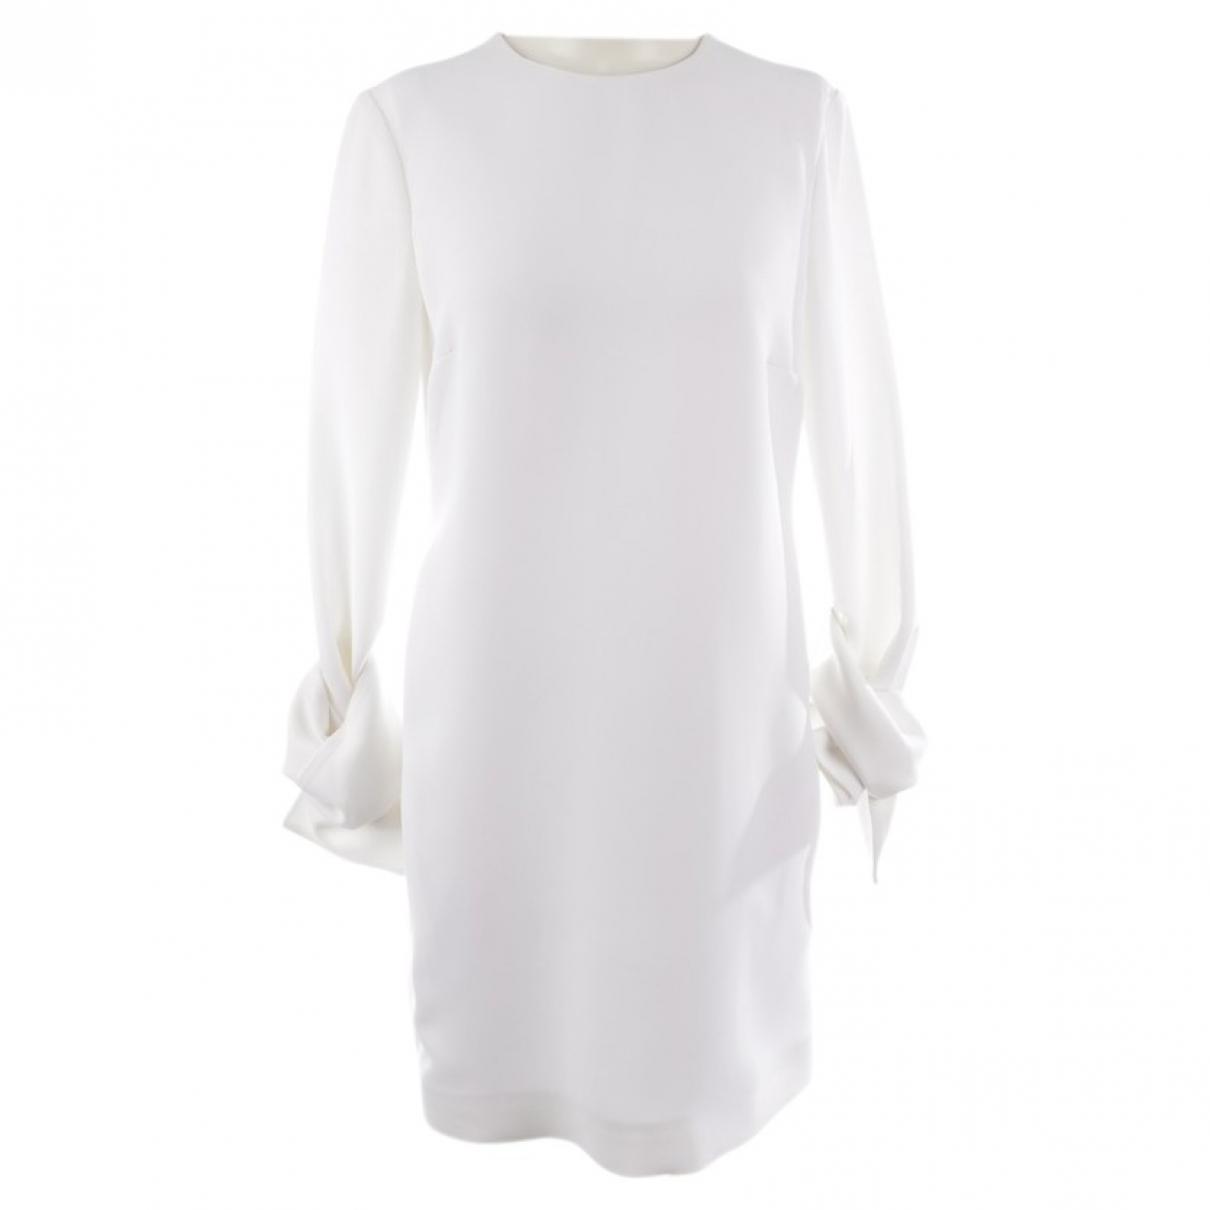 Victoria Beckham \N White dress for Women 34 FR